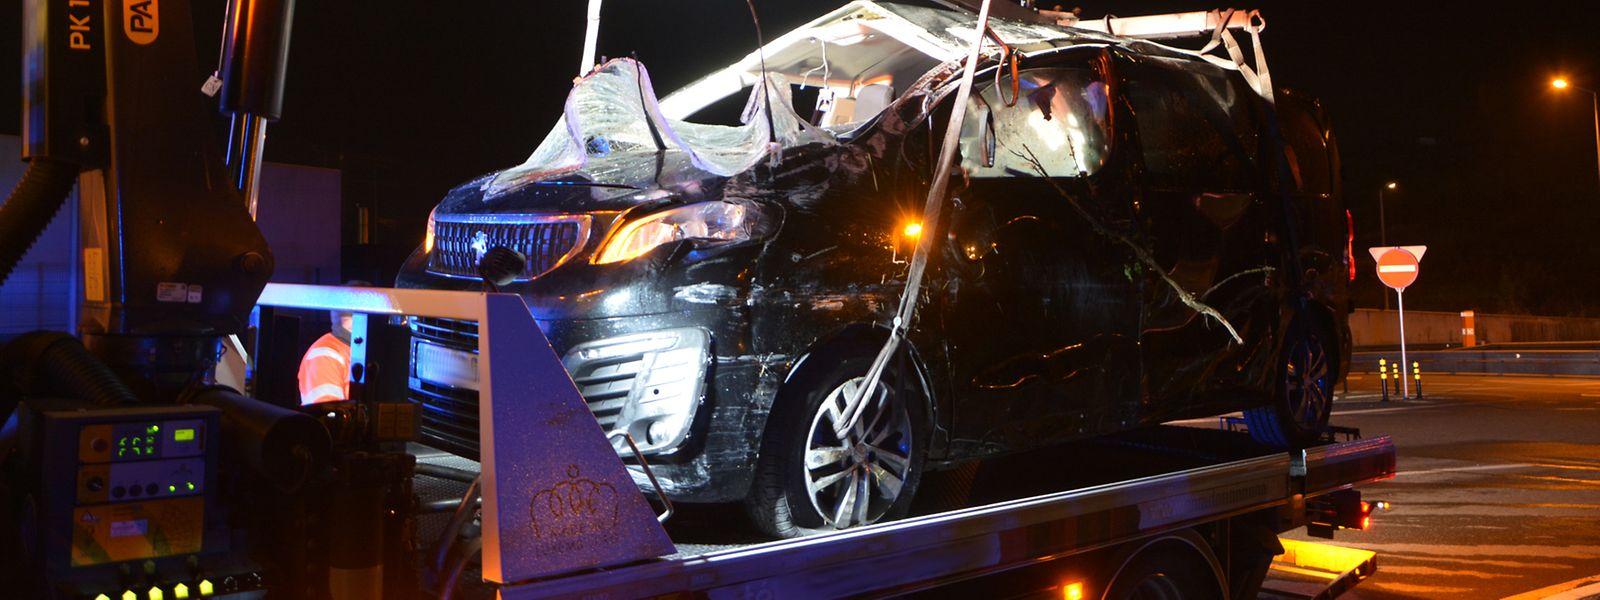 Das Unfallfahrzeug wird am frühen Sonntagmorgen abgeschleppt.